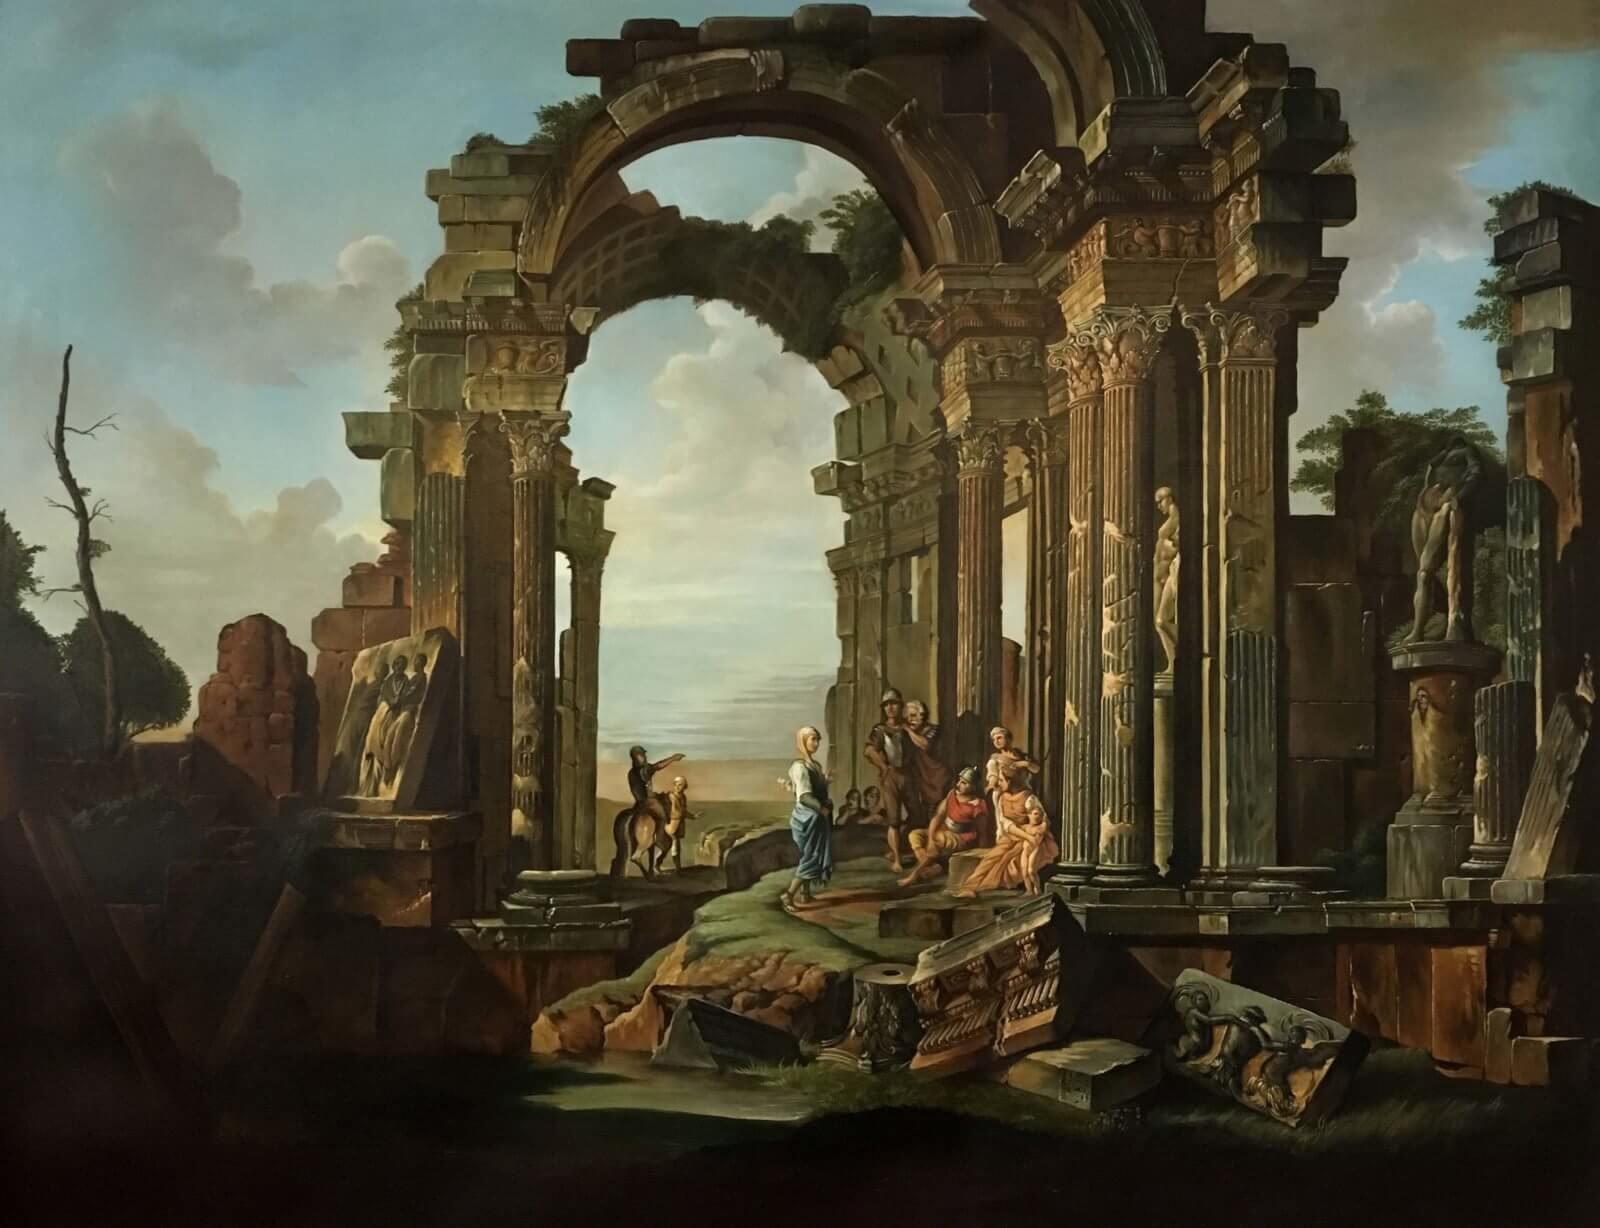 Architectural Capriccio with Roman Ruins, Fred Fordham 2017